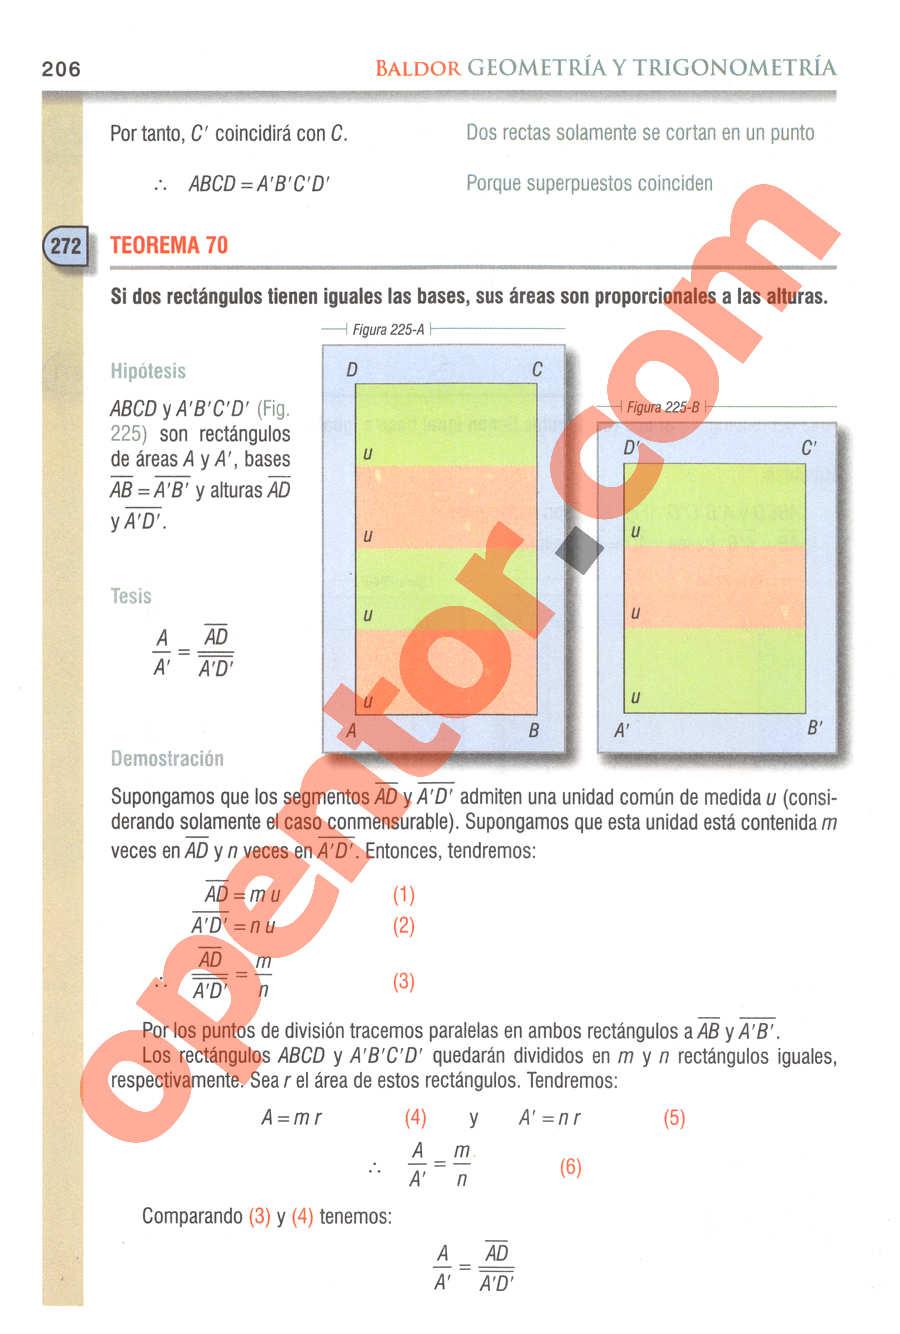 Geometría y Trigonometría de Baldor - Página 206